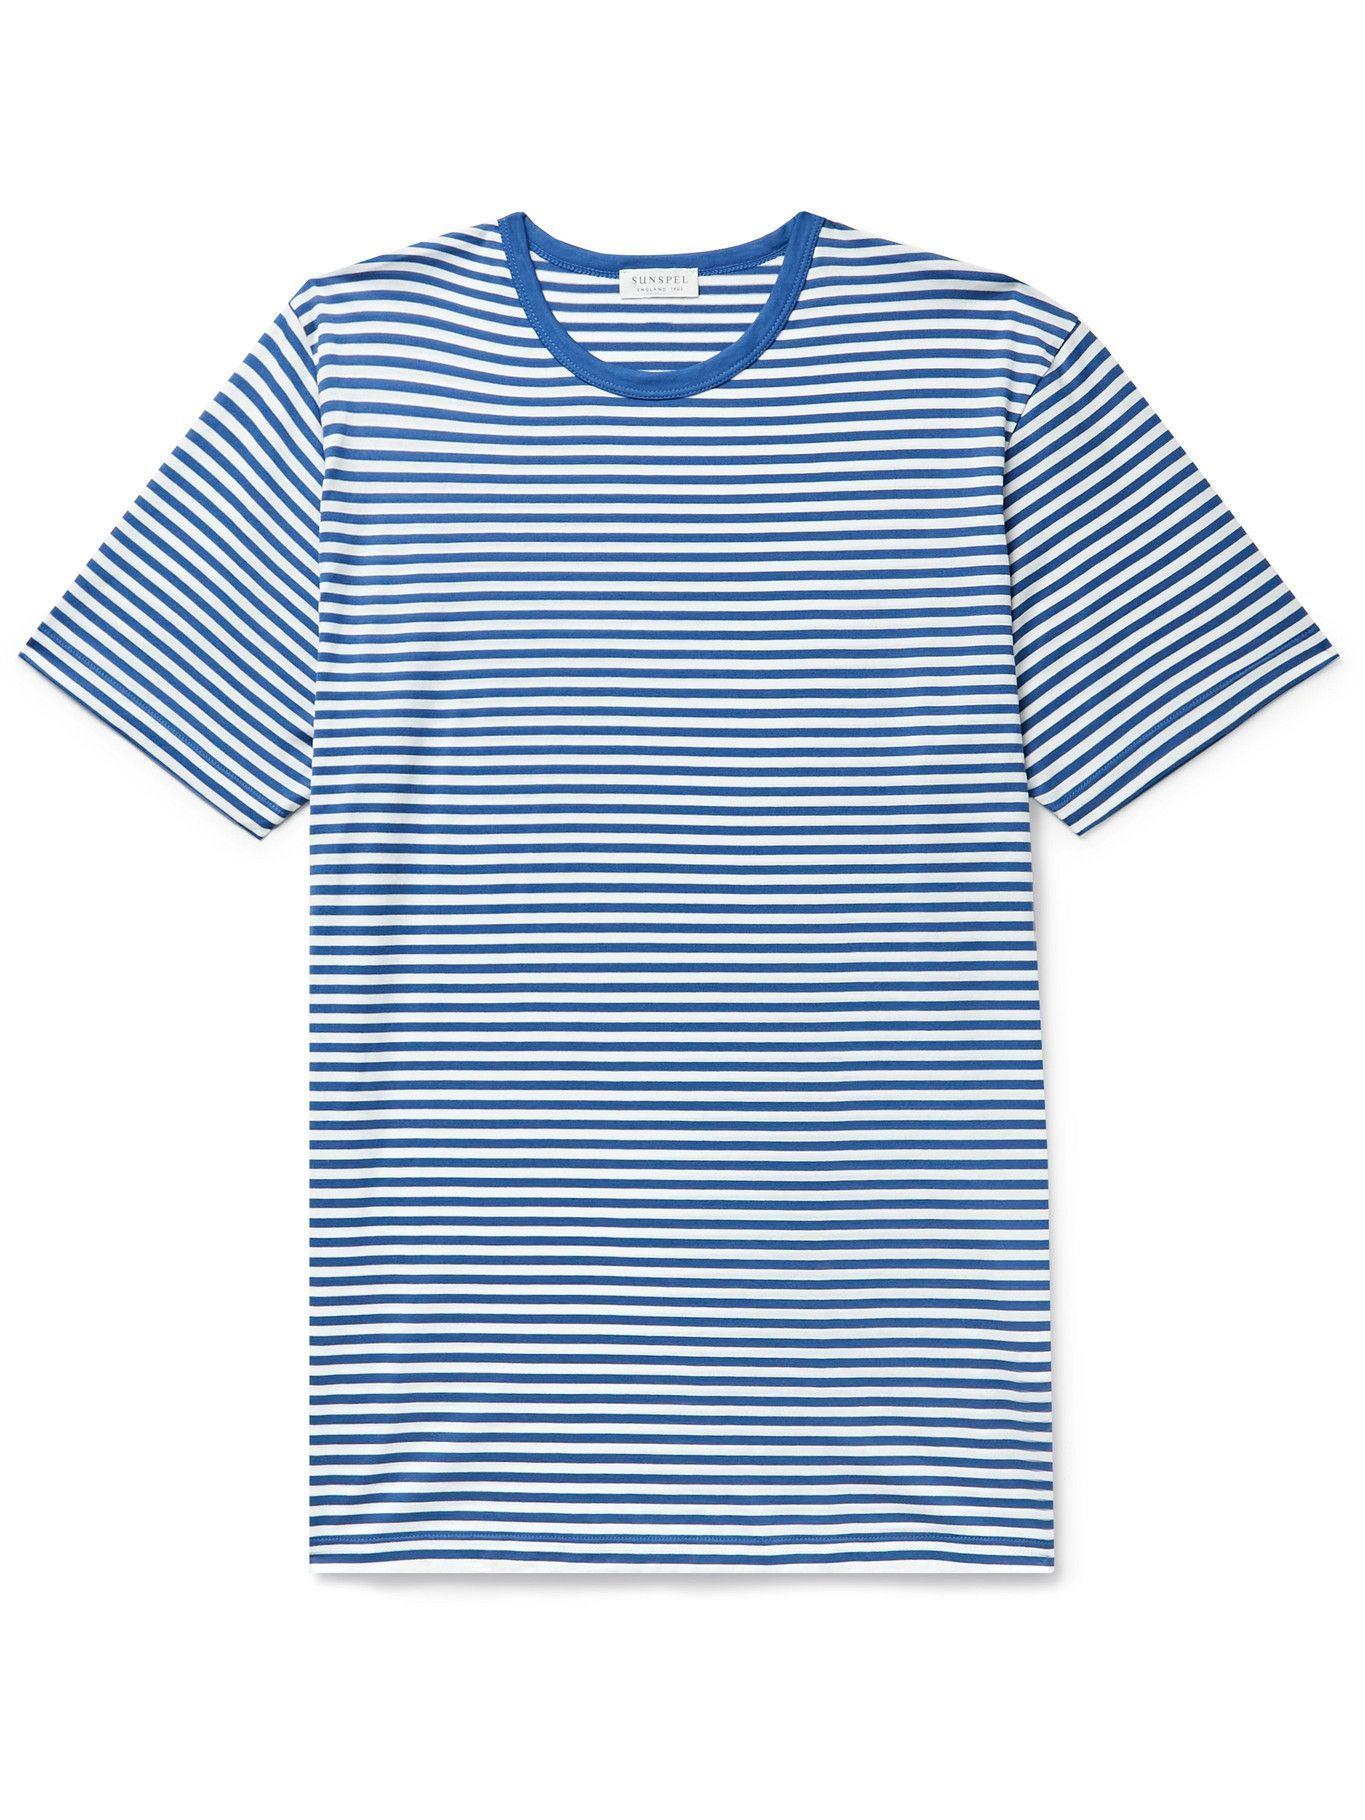 Photo: Sunspel - Striped Cotton-Jersey T-Shirt - Blue